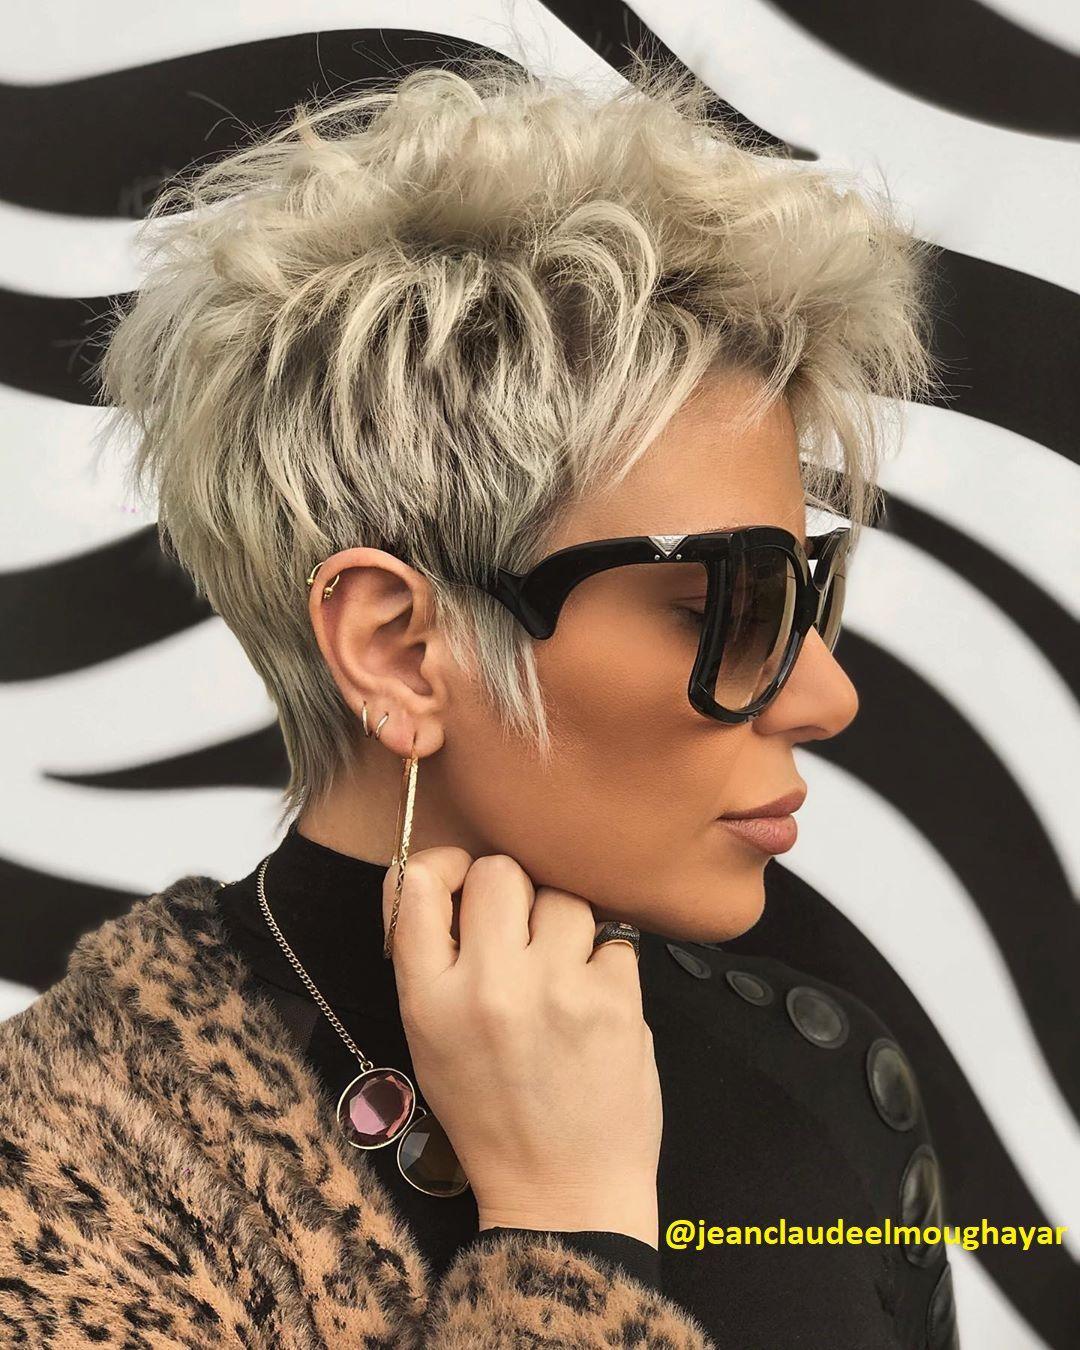 Fruhlings Frisuren 2020 Neue Frisuren Frisuren Stil Haar Kurze Und Lange Frisuren In 2020 Schone Frisuren Kurze Haare Haarschnitt Kurz Kurzhaarfrisuren